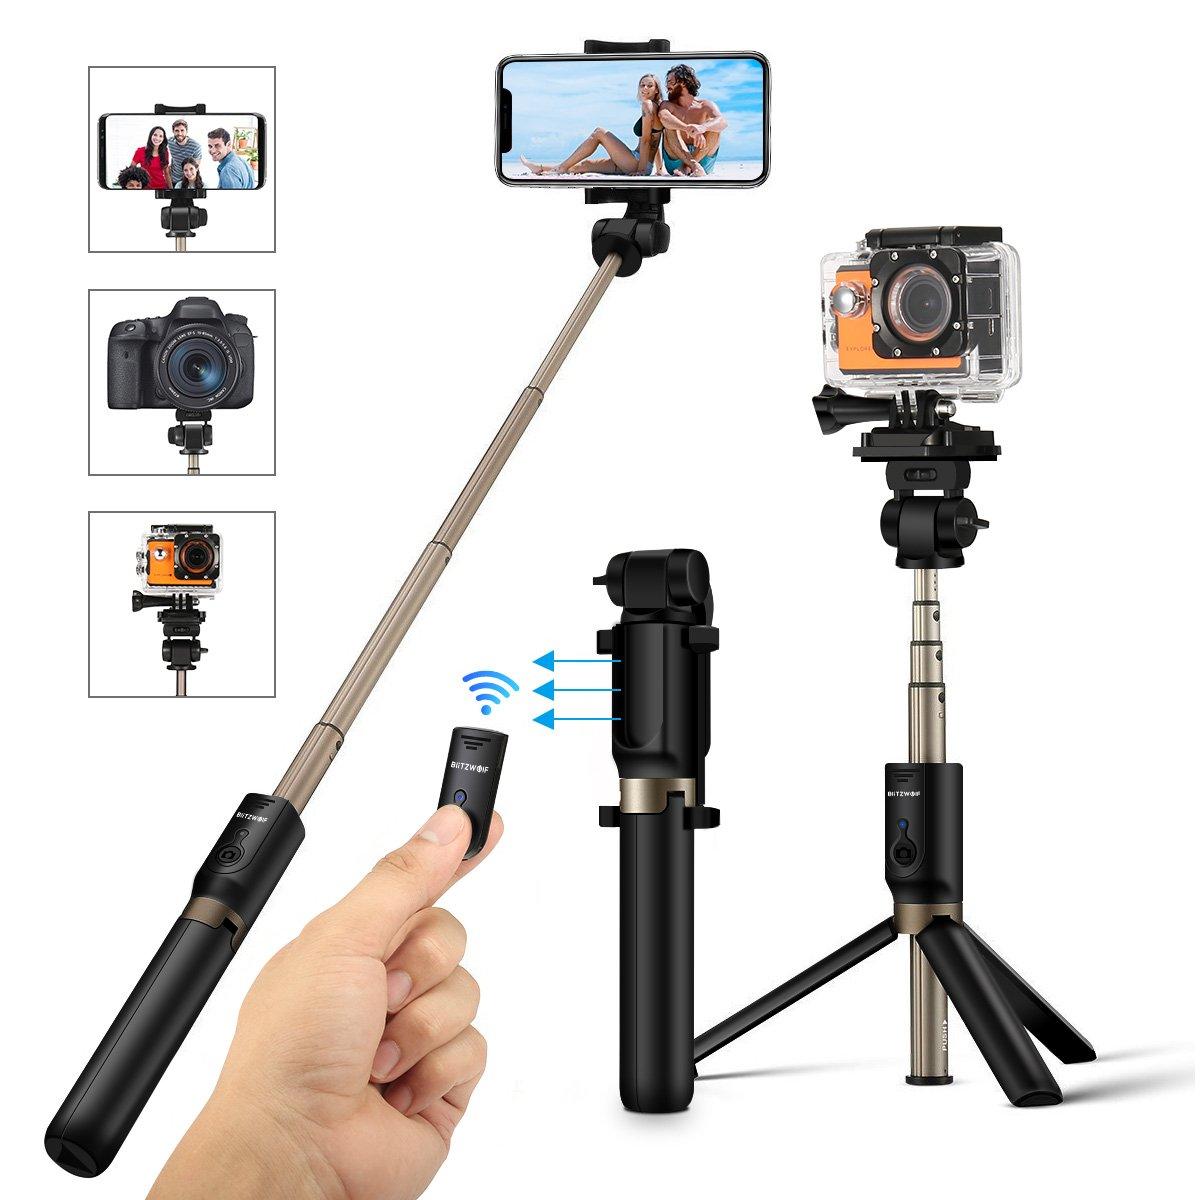 Perche Selfie Trépied avec Télécommande, BlitzWolf 4 en 1 Bâton Selfie  Bluetooth Monopode Extensible pour Caméra Gopro iPhone X / 8 / 7 / 7 Plus/  6s/6/5s, ...